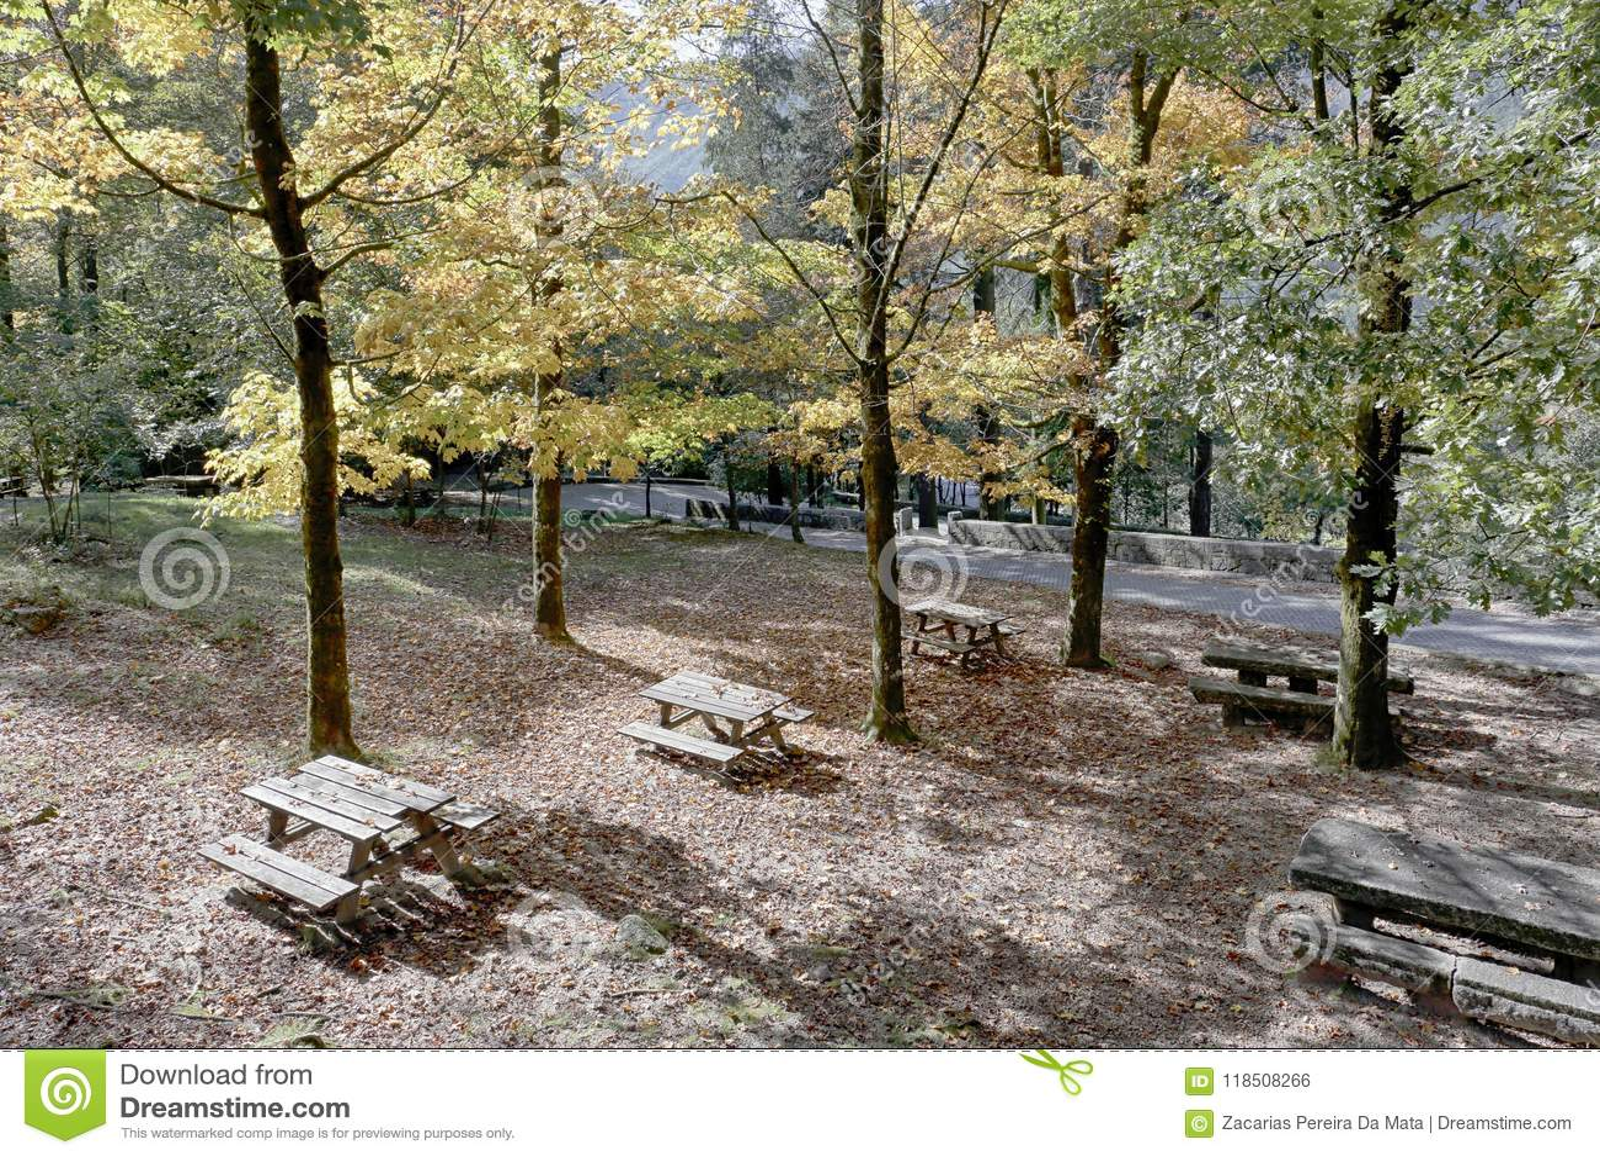 Forest picnic park